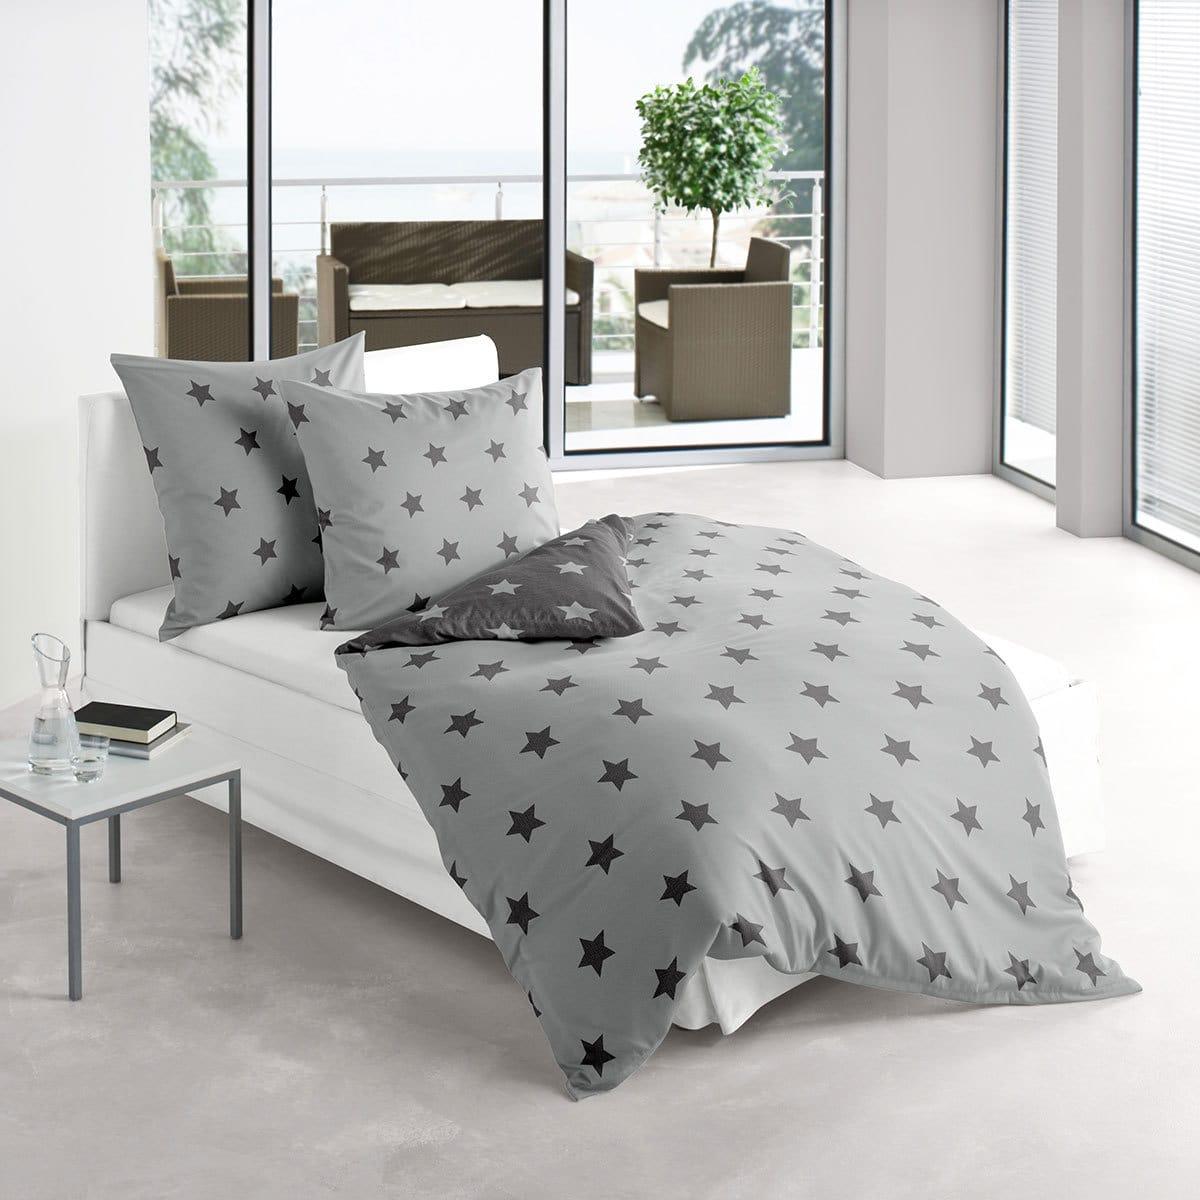 irisette biber wendebettw sche dublin sterne anthrazit 8658 12 g nstig online kaufen bei. Black Bedroom Furniture Sets. Home Design Ideas